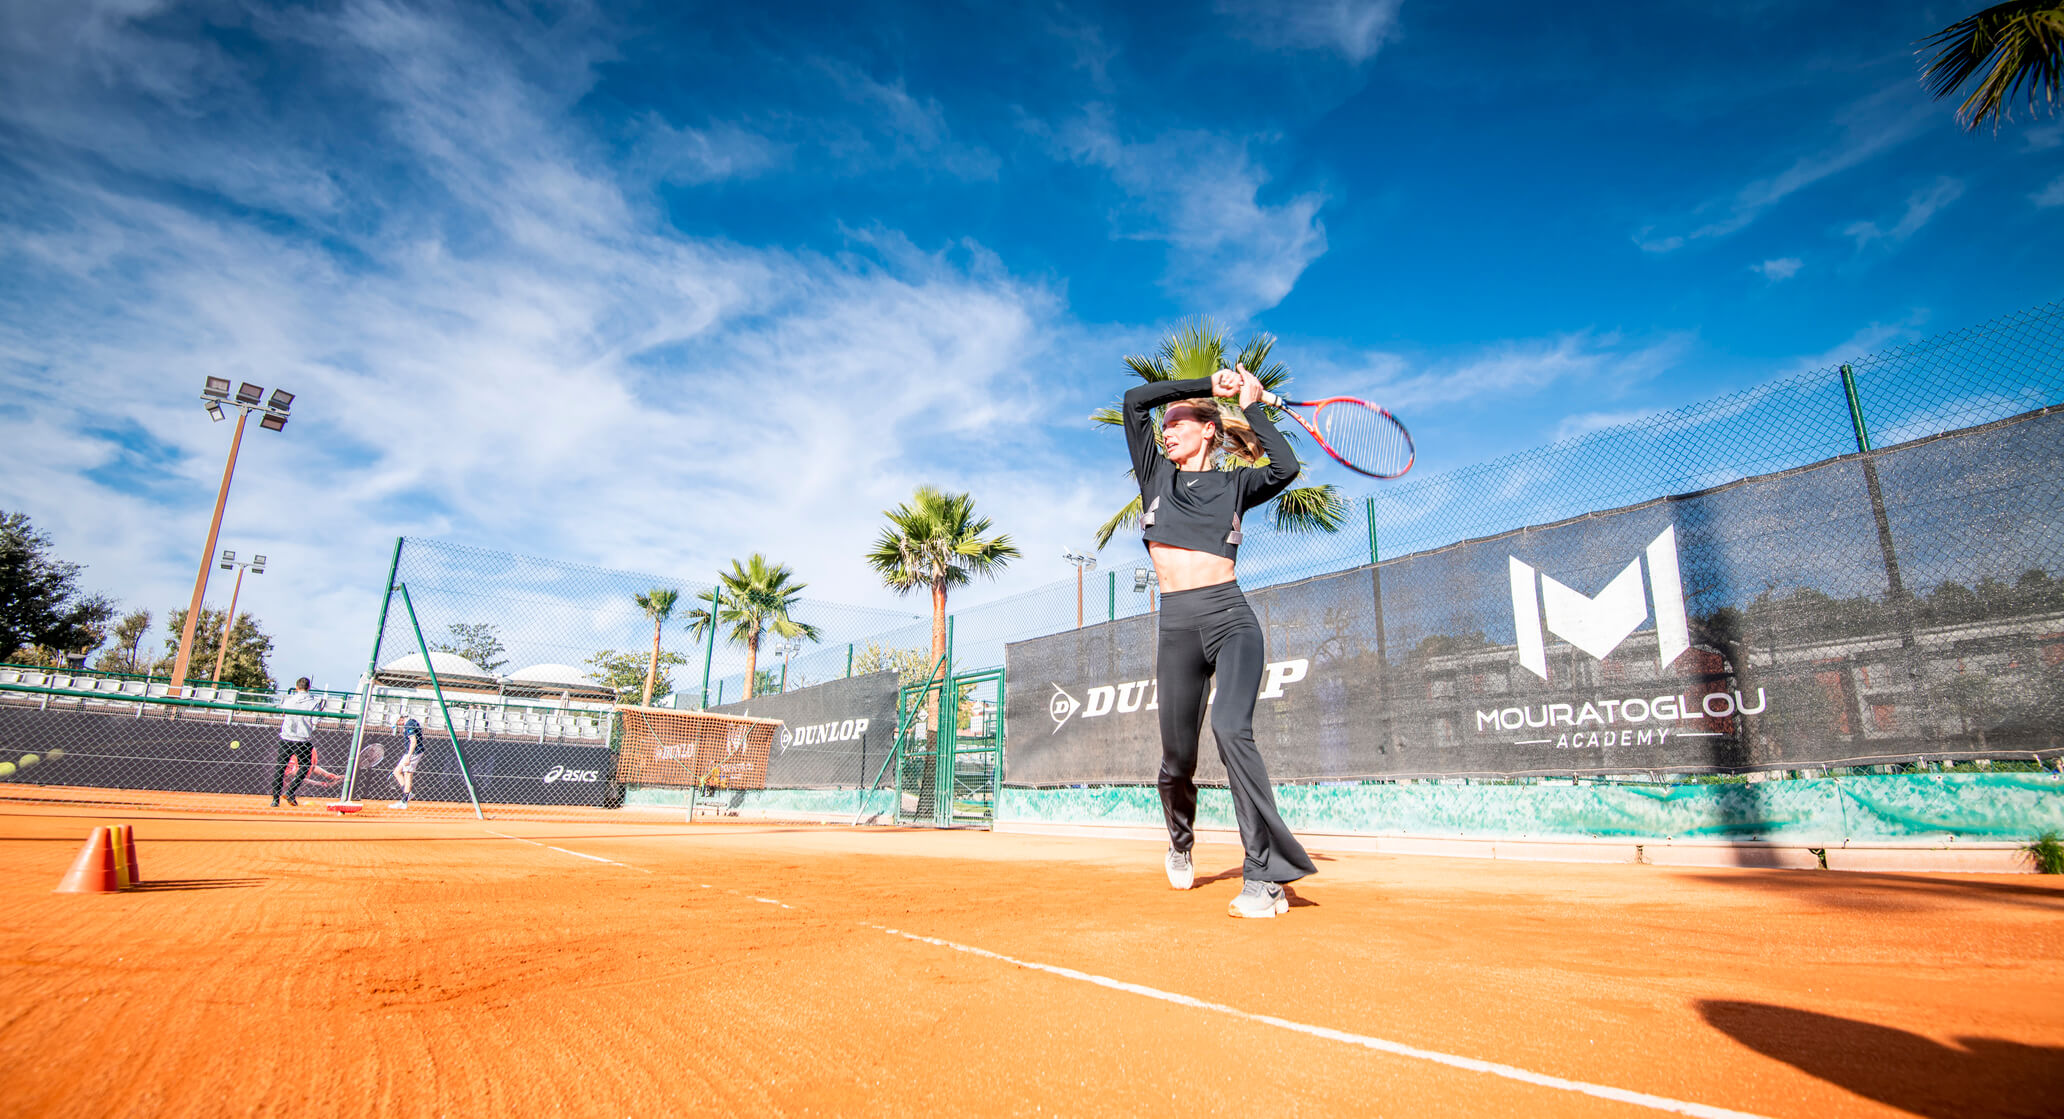 femme tennis